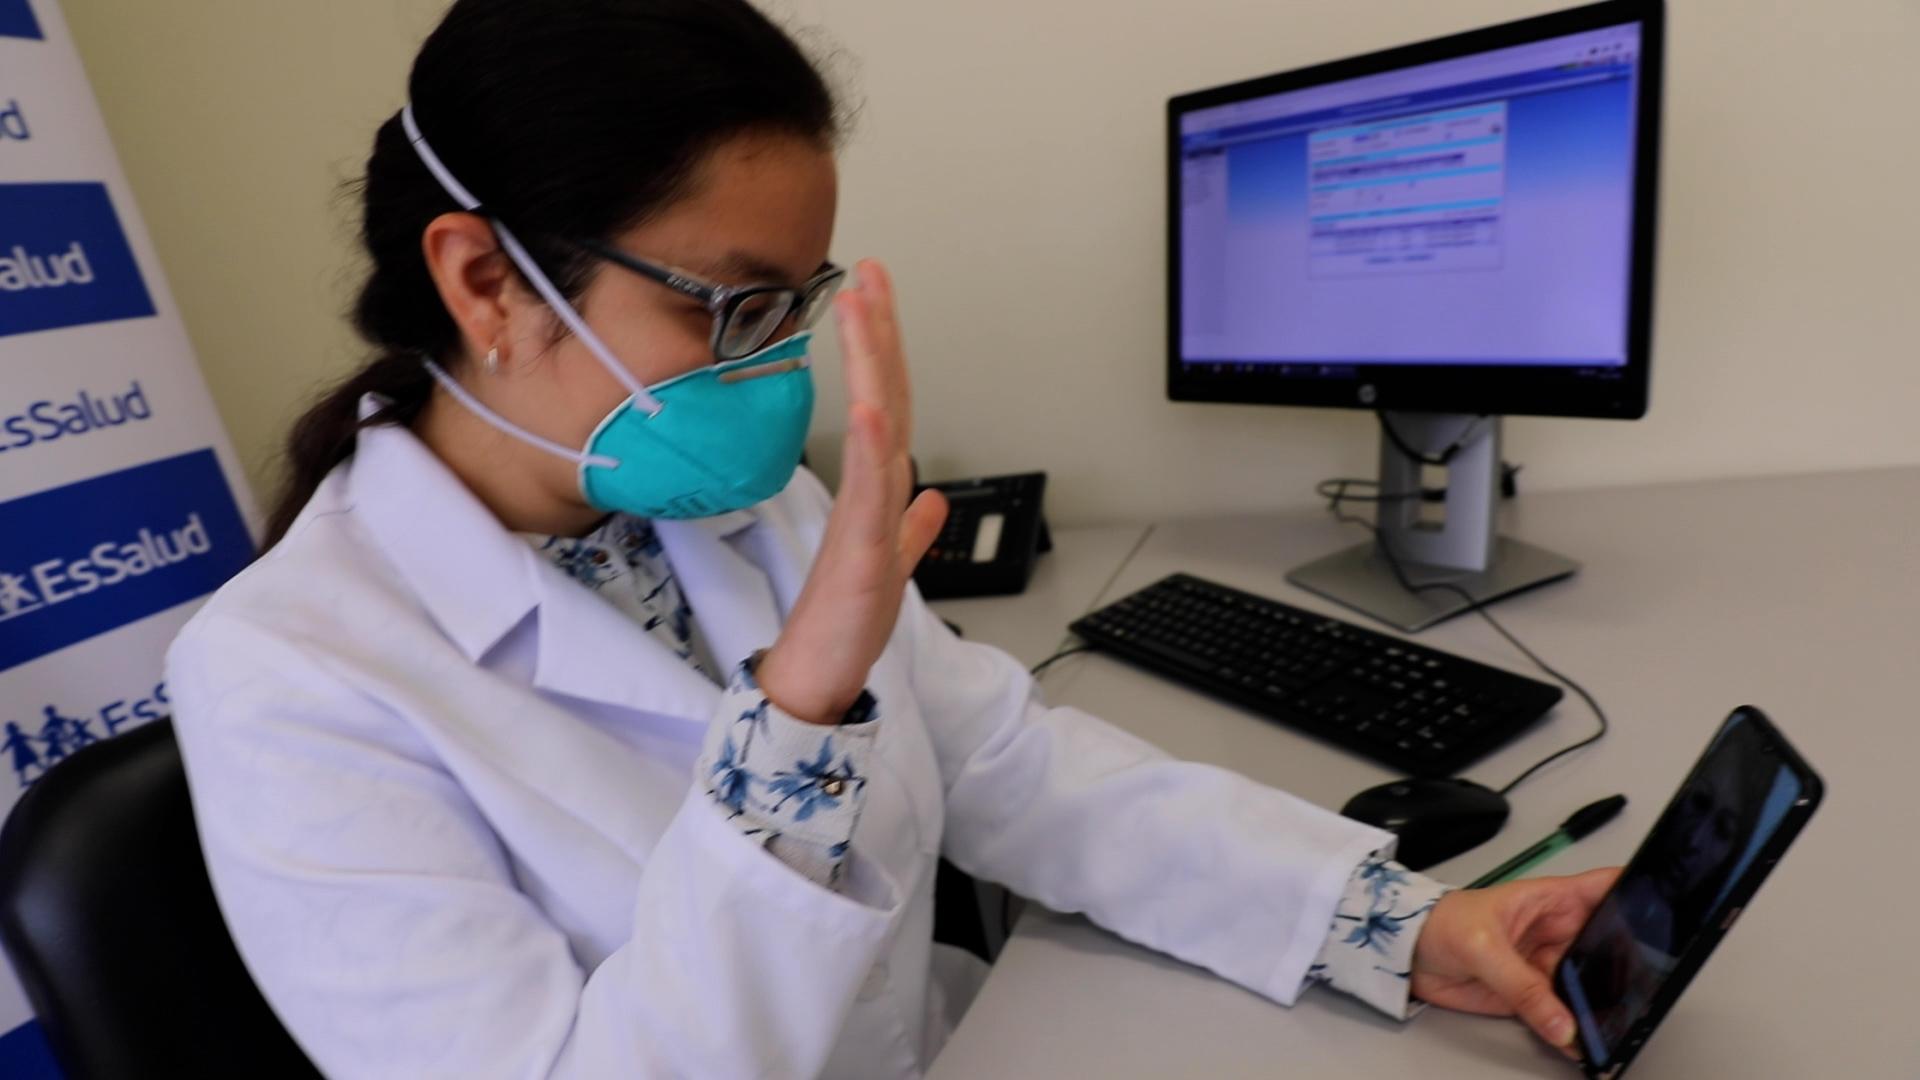 Servicio de Reumatología del Hospital Almenara de EsSalud es reconocido como Centro de Excelencia a nivel Latinoamericano